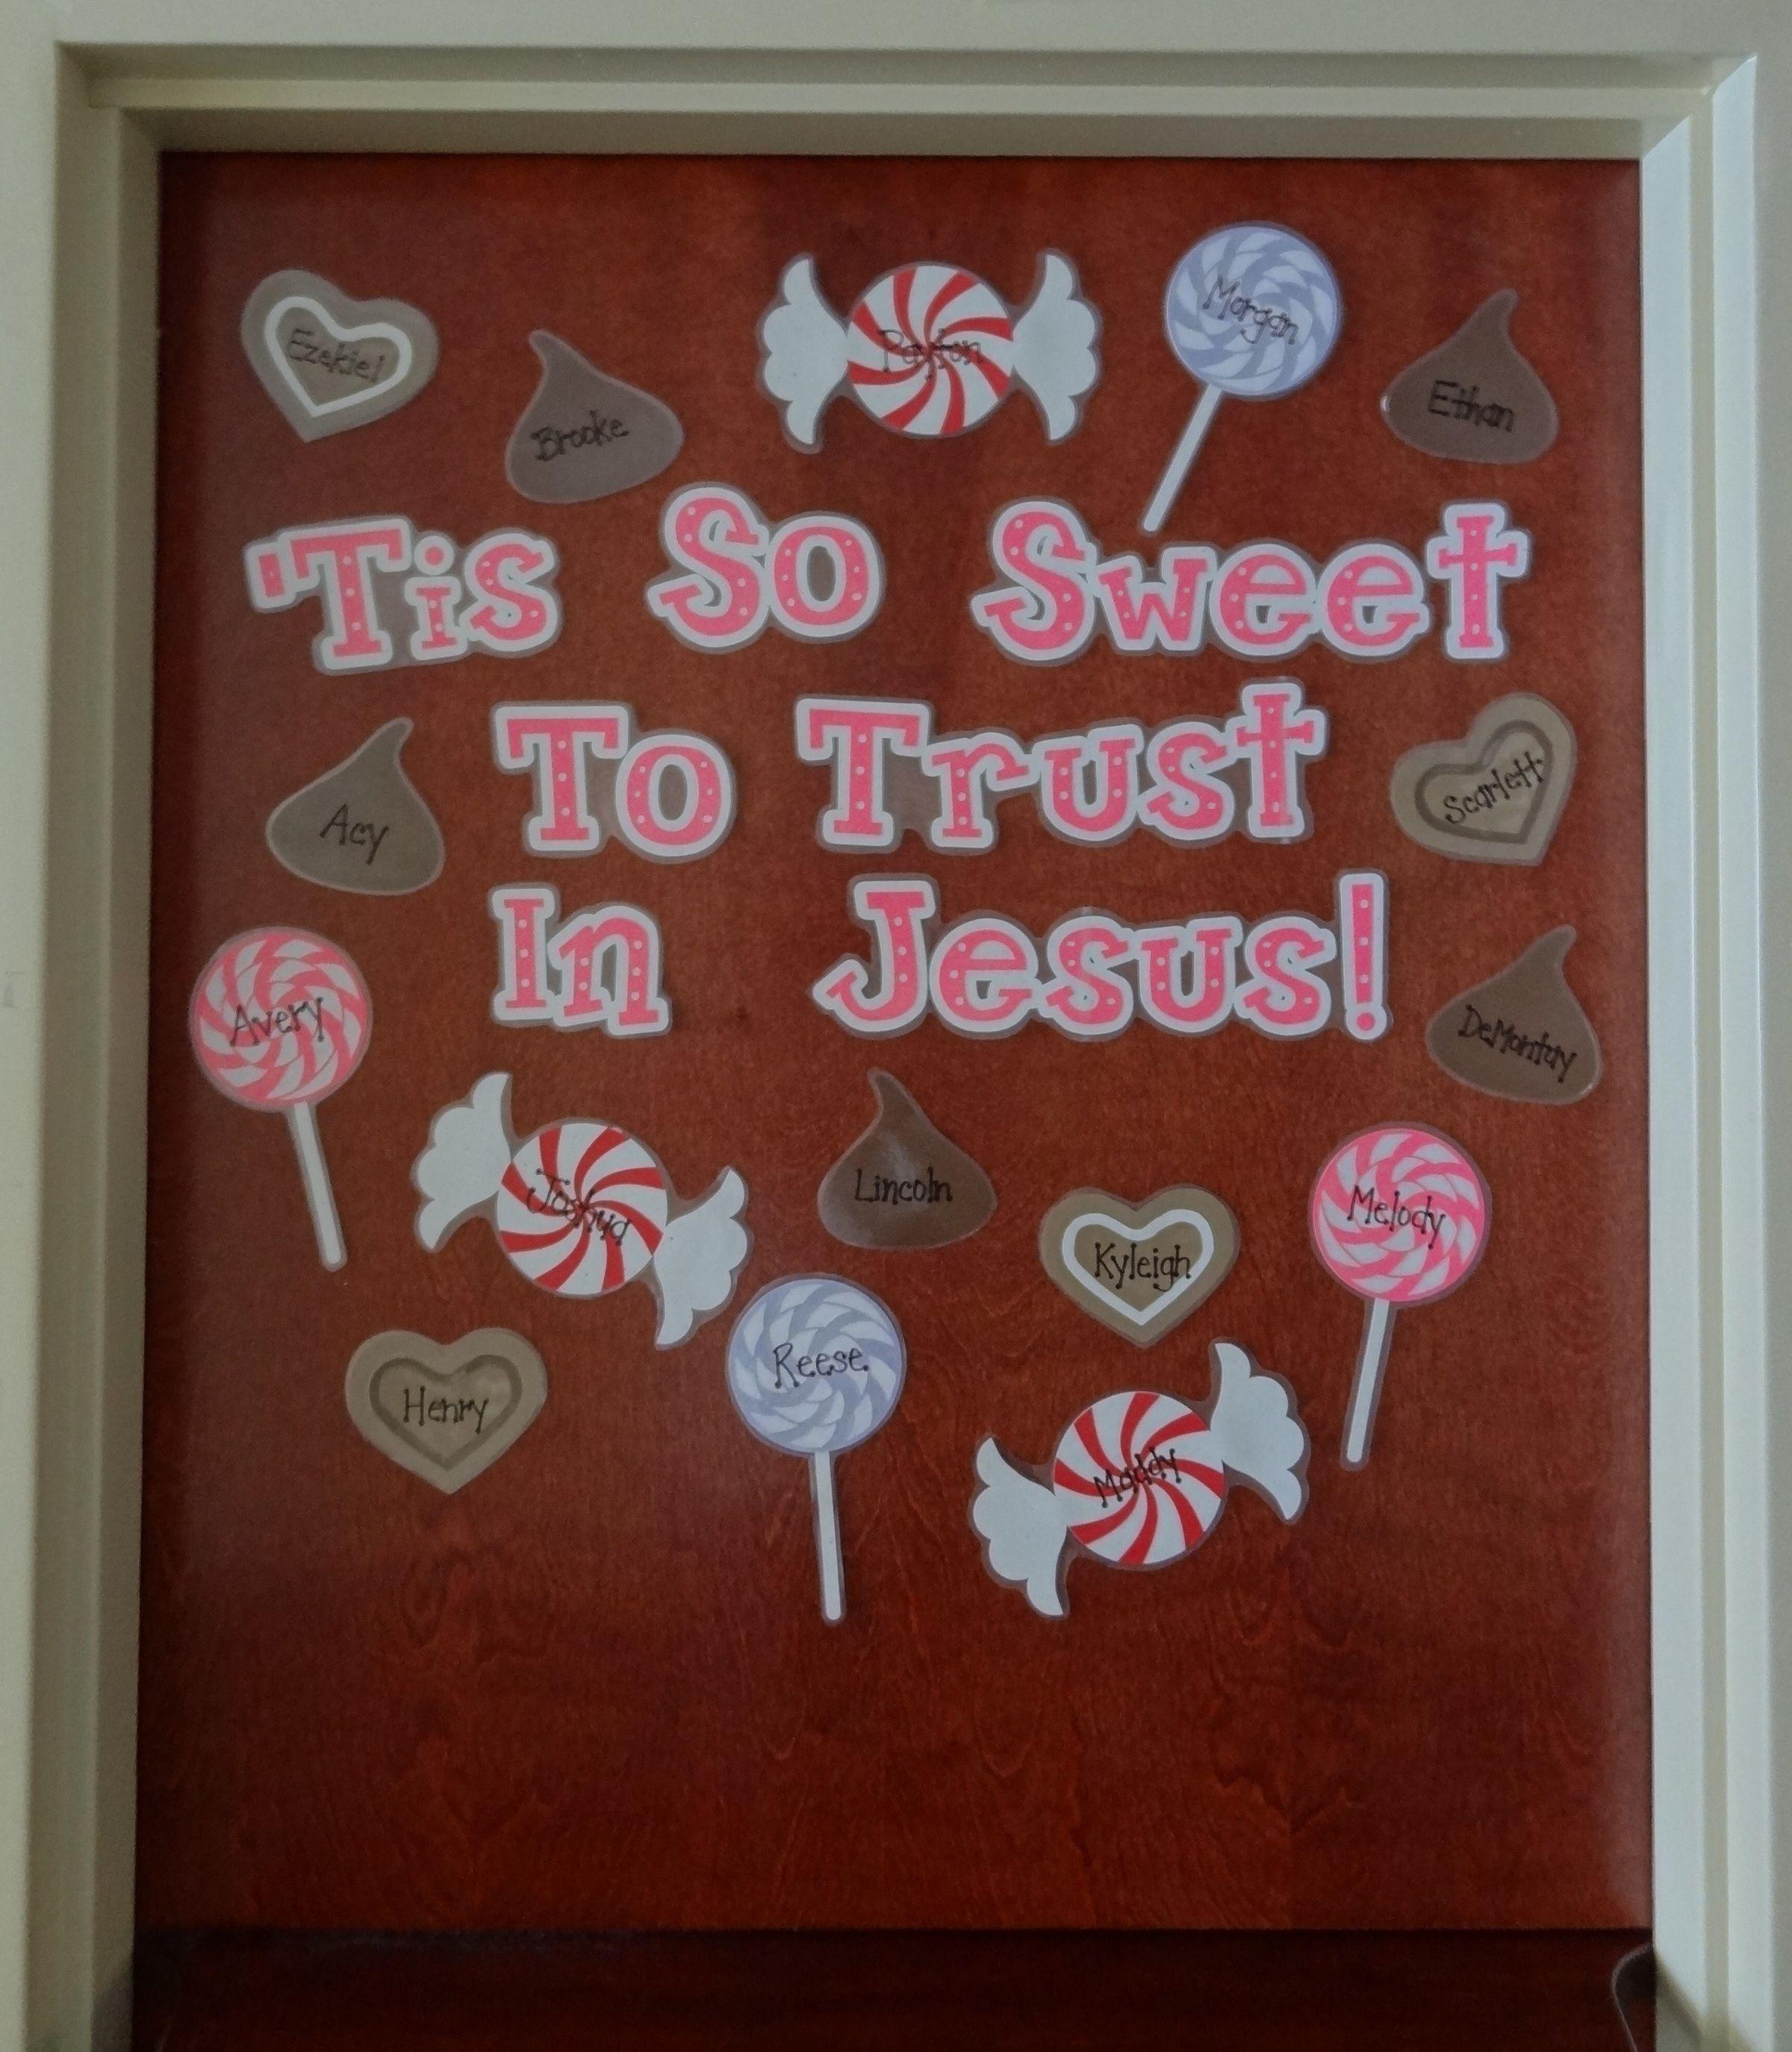 Christian Valentineu0026 Day Door Display And Bulletin Board Idea U0026